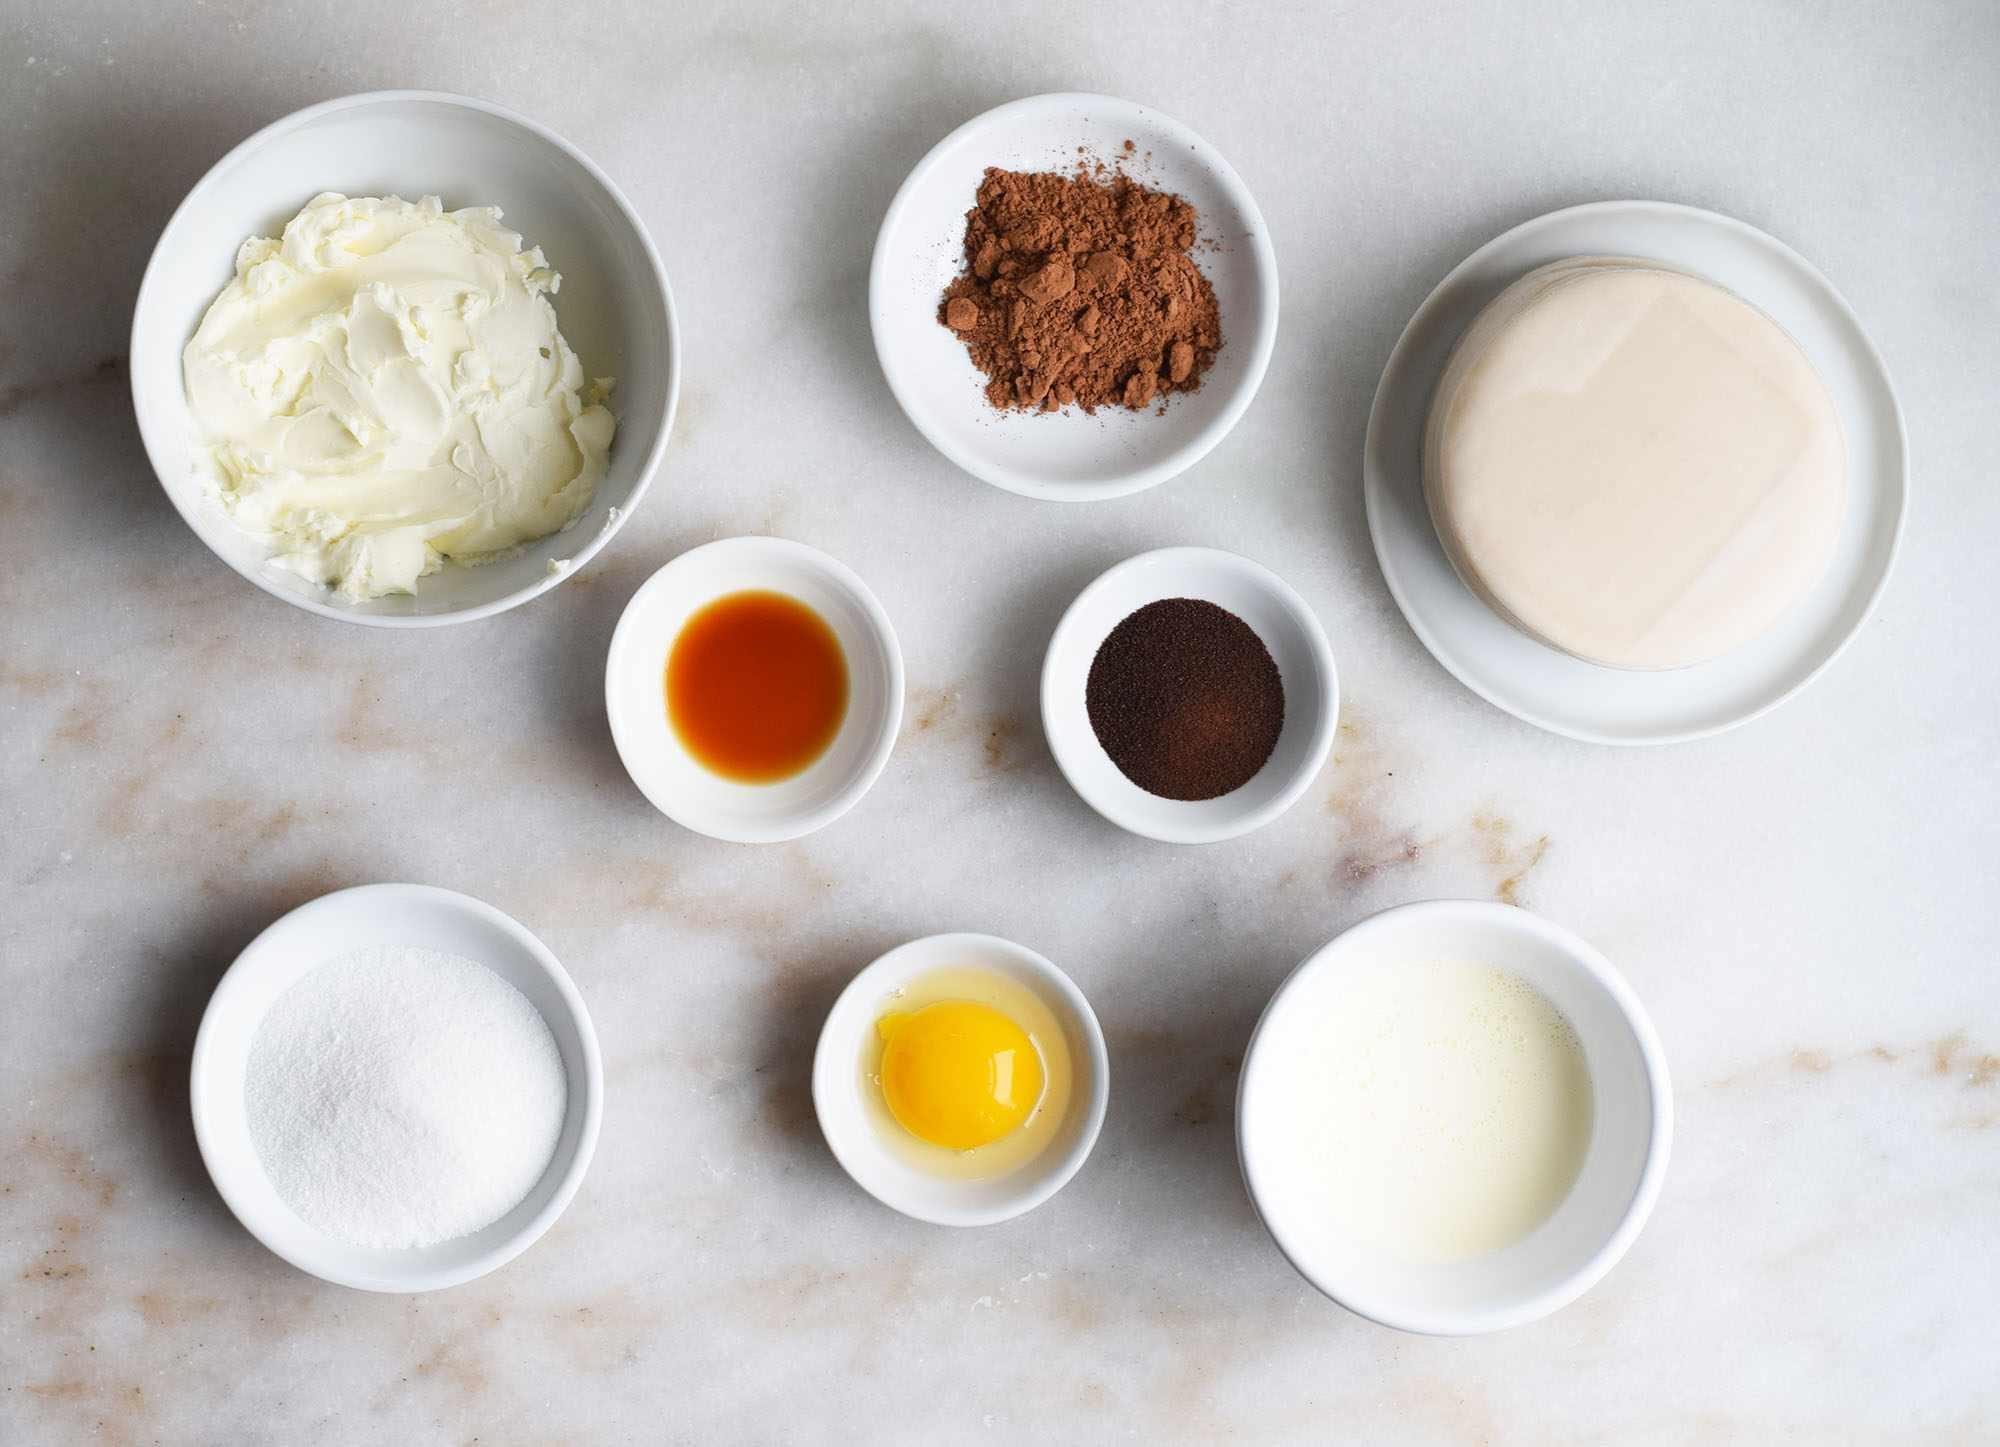 Dumpling Wrapper Tiramisu Crepe Cake ingredients